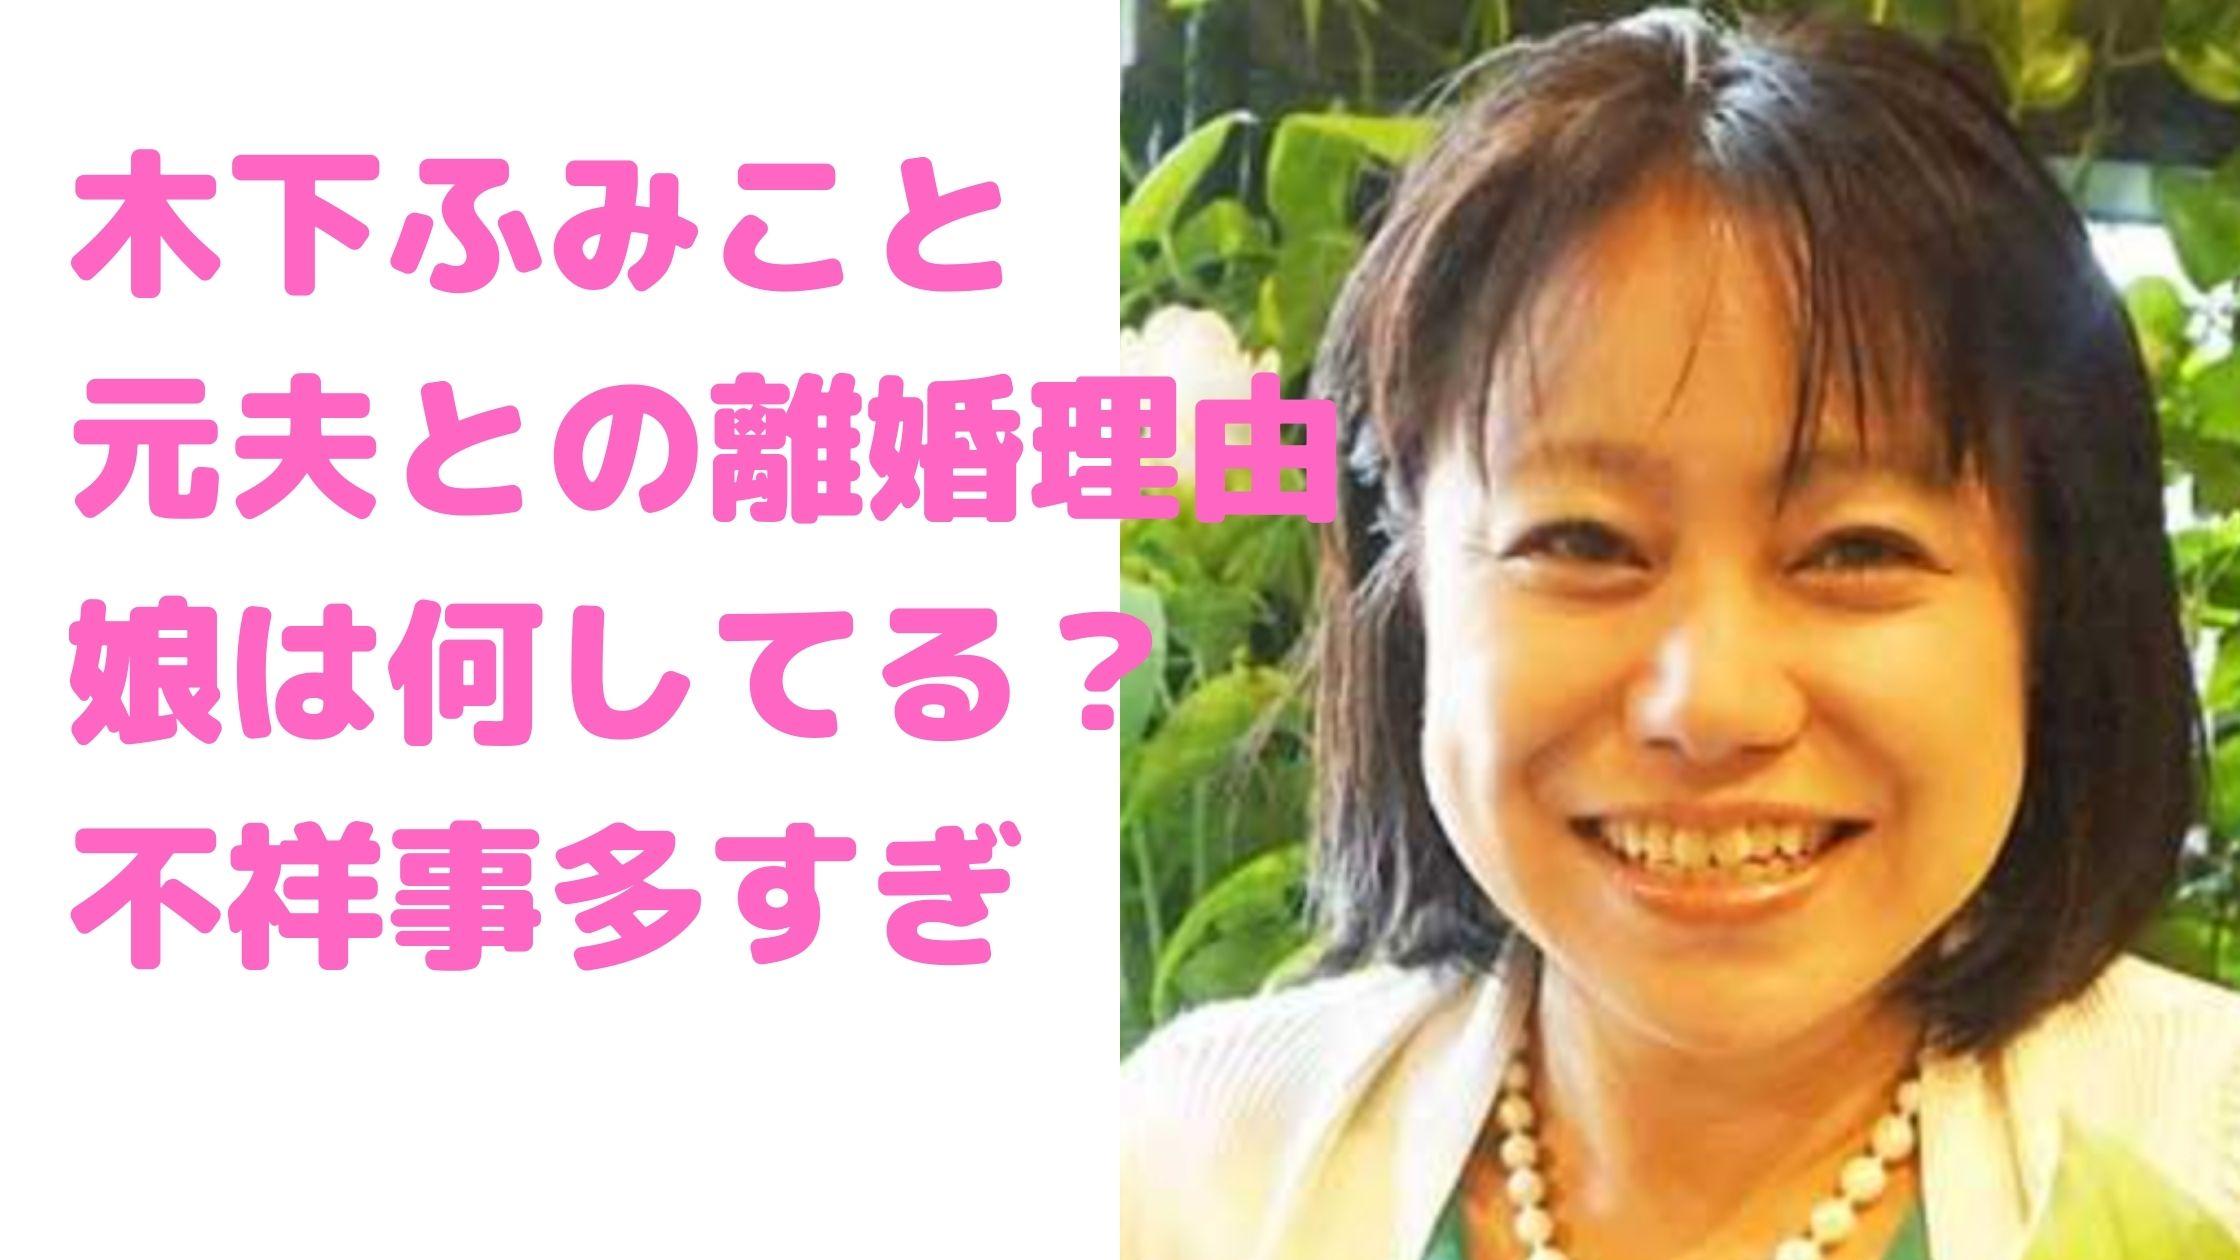 木下富美子 夫 娘 年齢 職業 自宅住所 経歴 不祥事